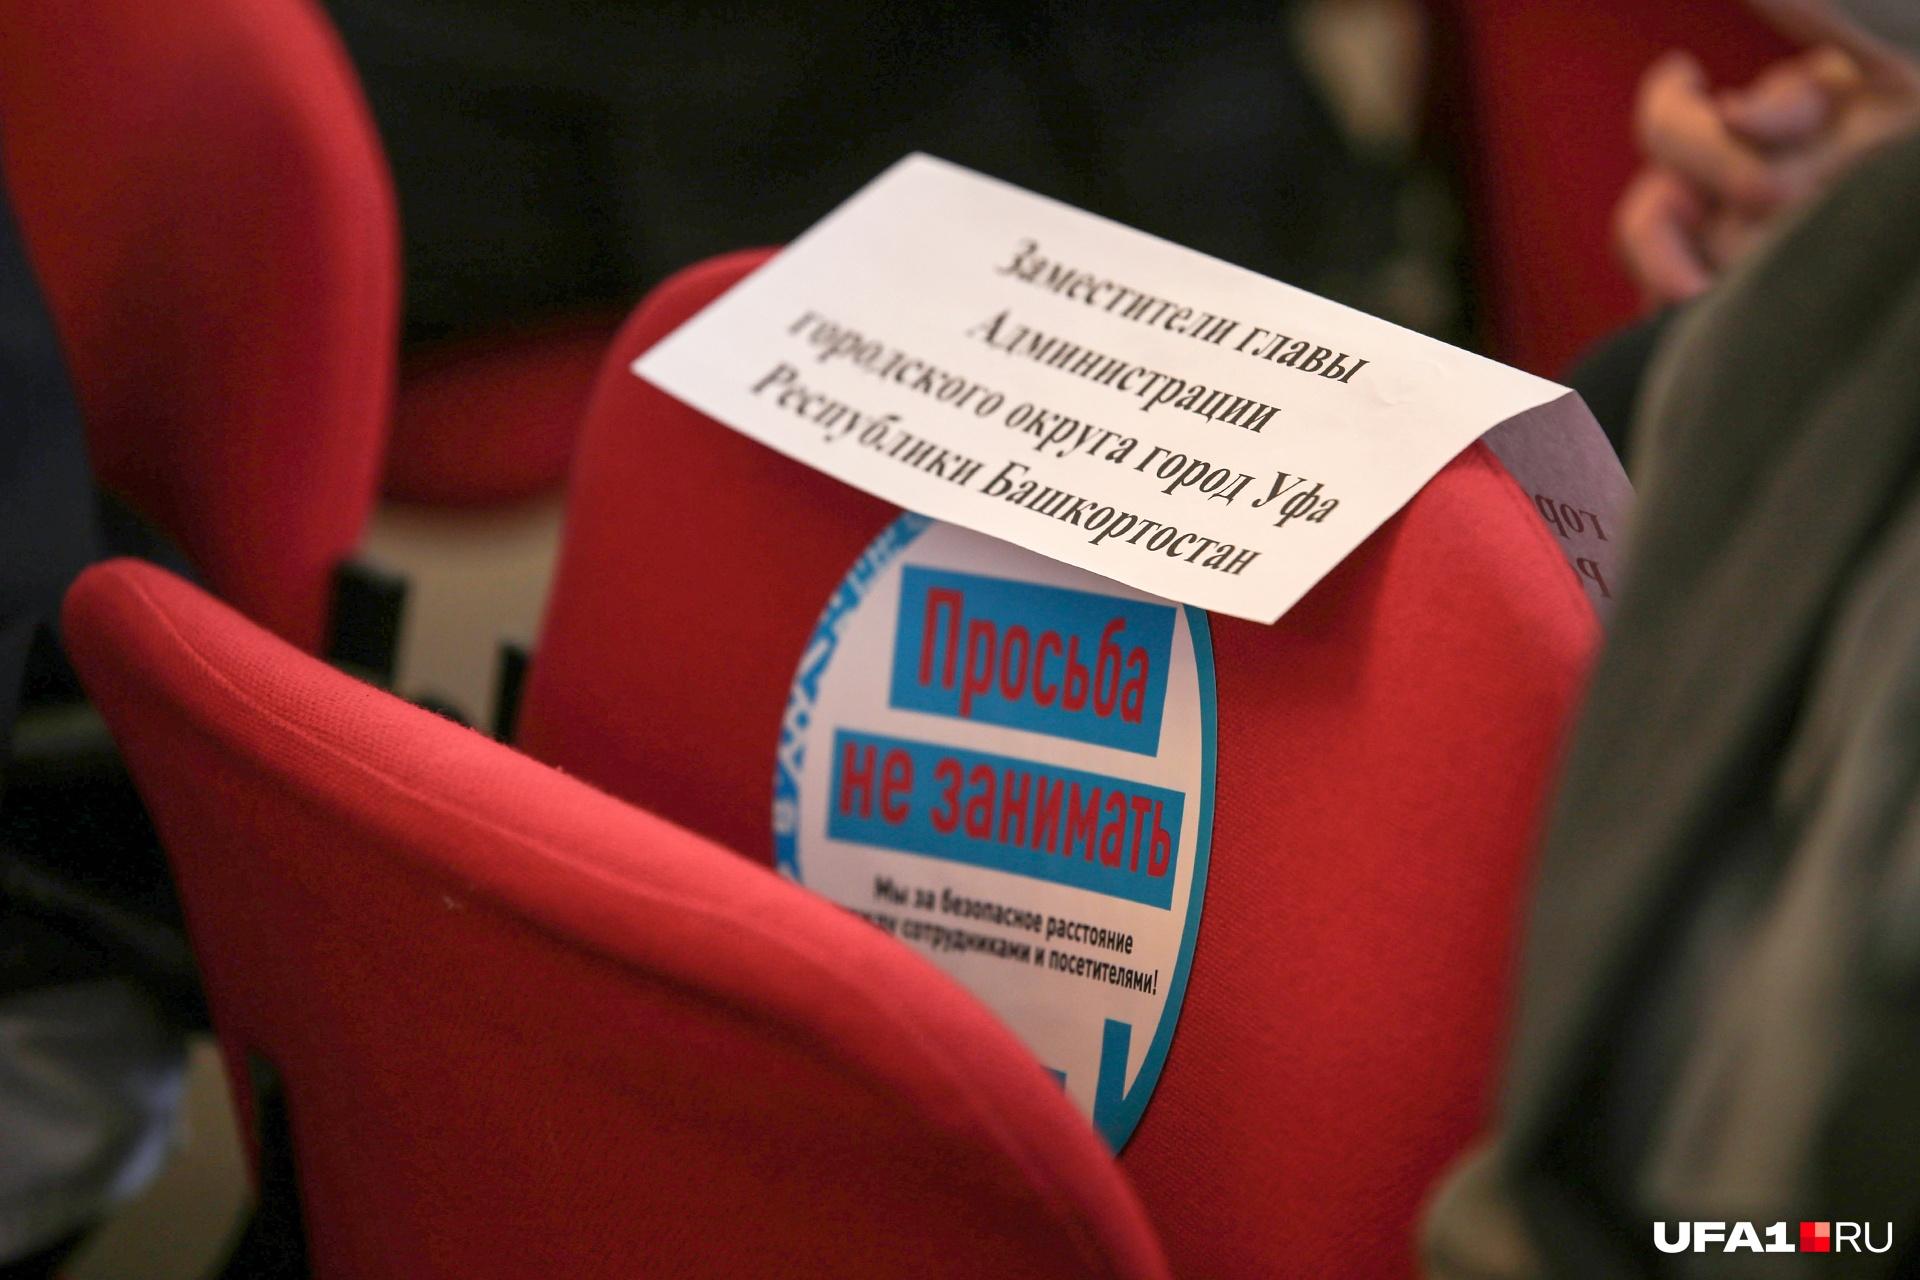 Присутствующих на заседании рассаживали строго по регламенту